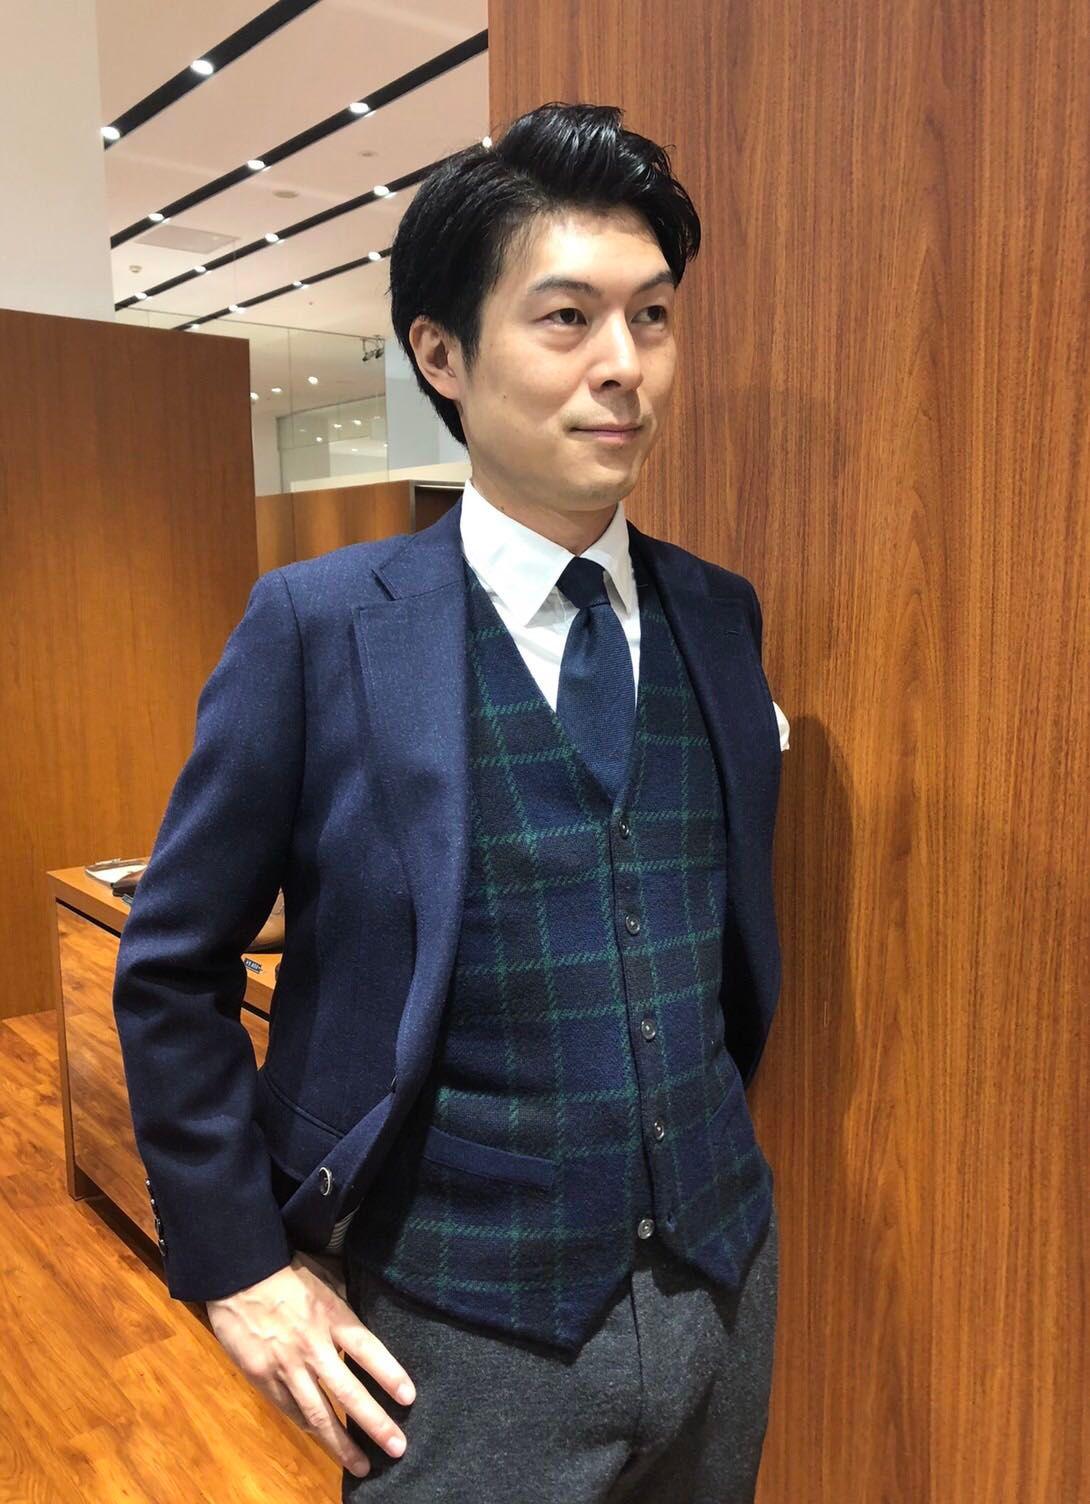 広島 スーツ セレクト